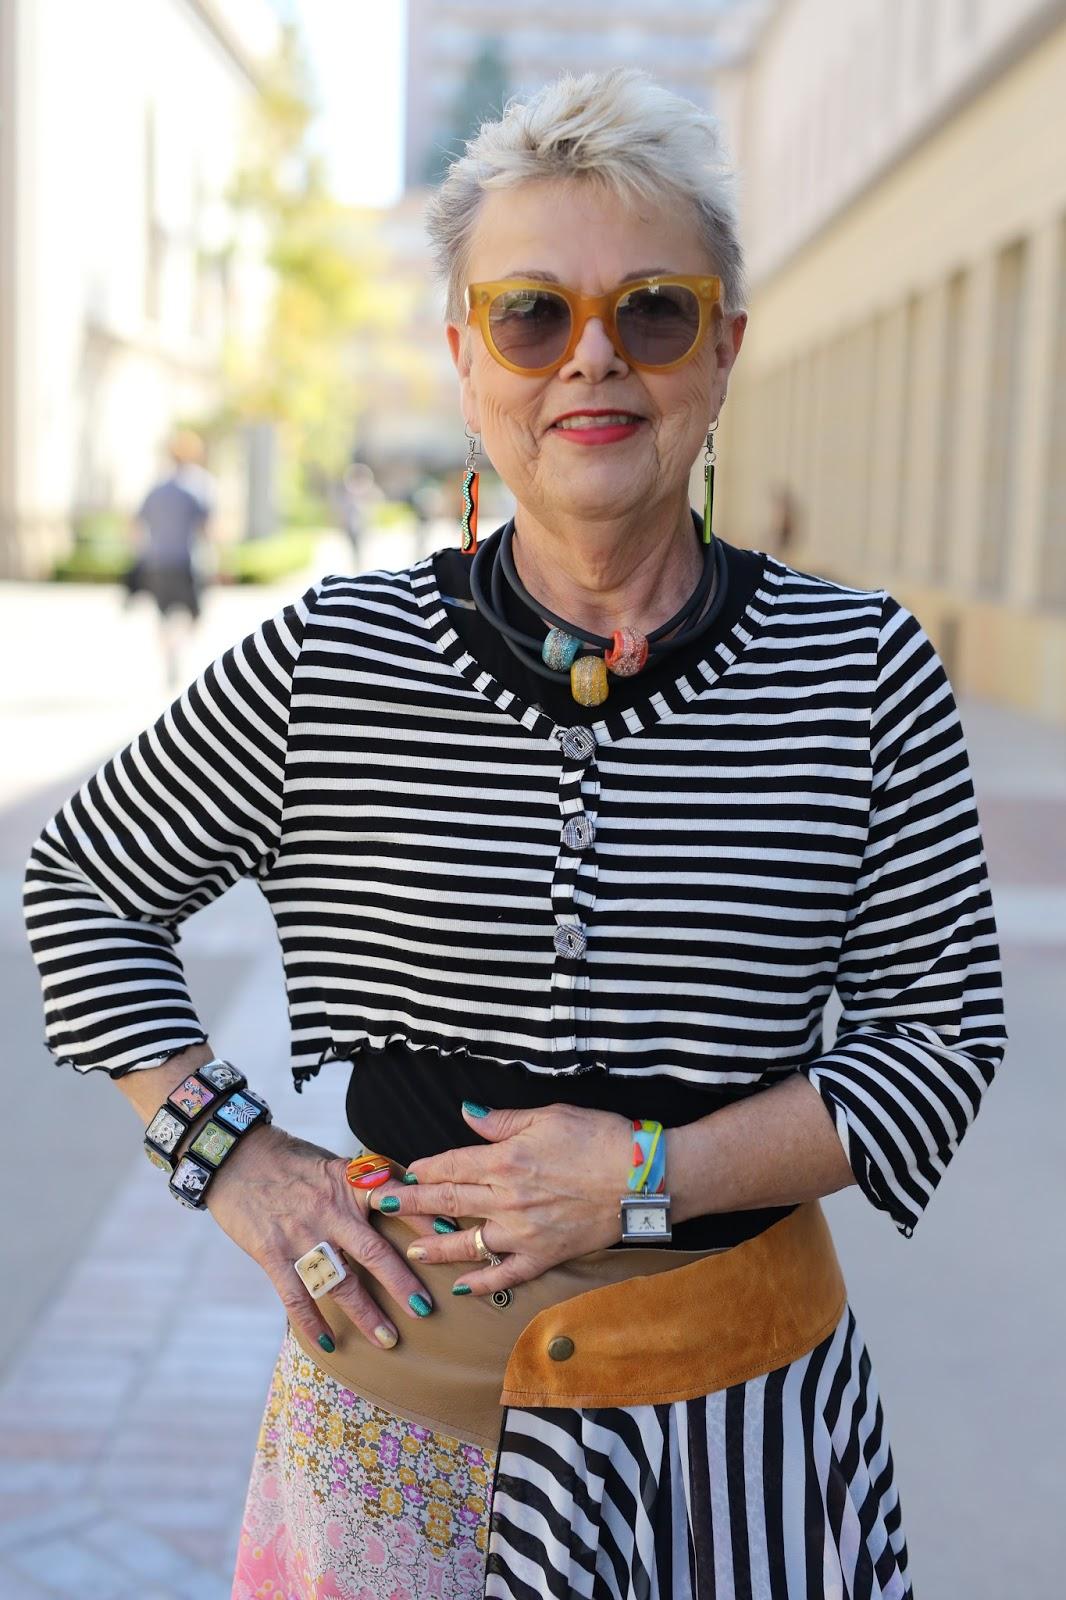 Streetstyle cực chất của những fashionista bô lão ảnh 18